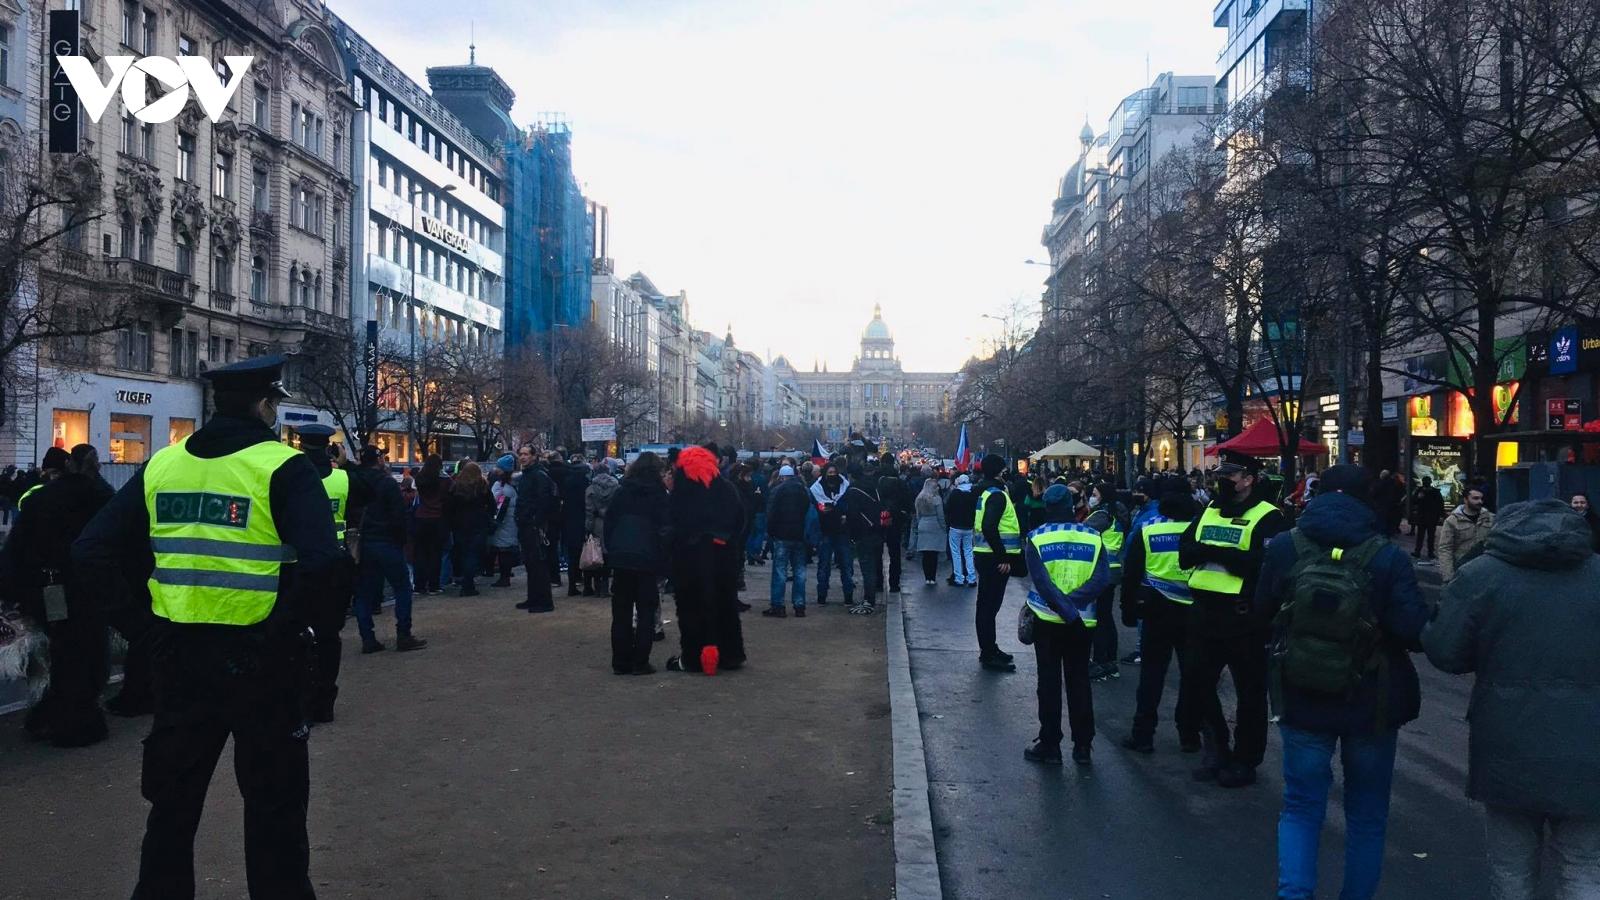 Hàng trăm người biểu tình phản đối tạiPraha